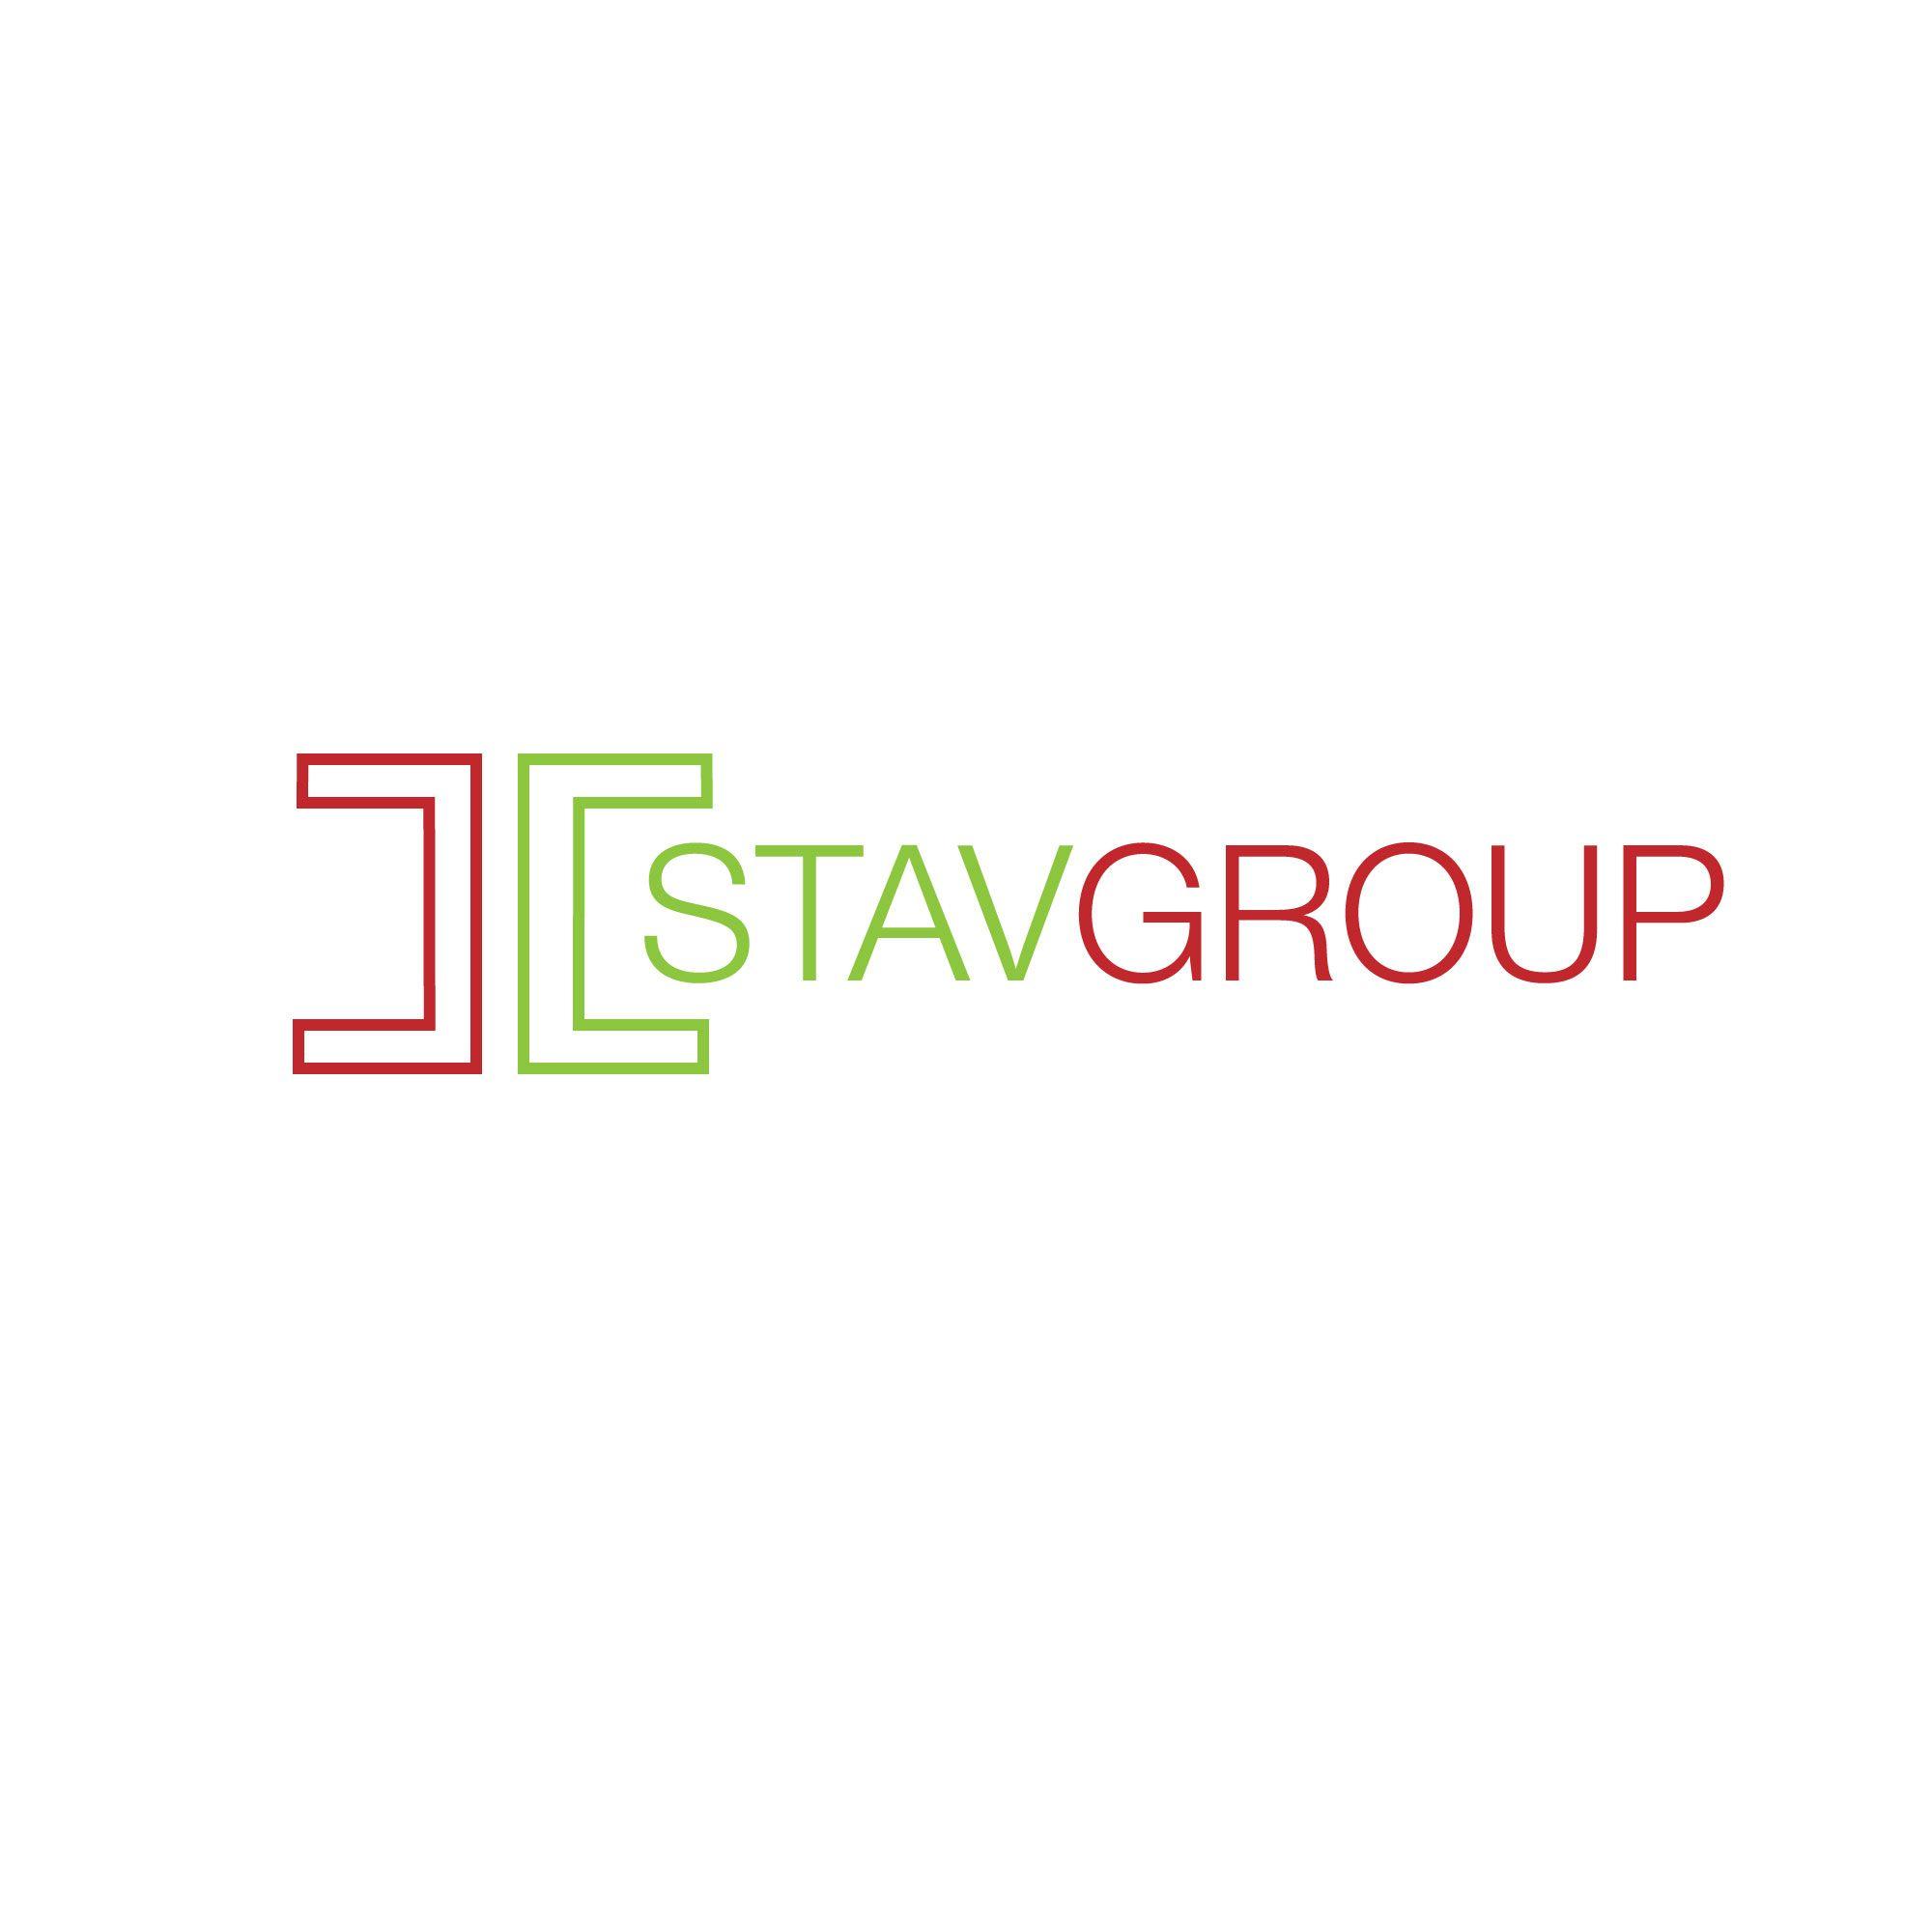 Лого и фирменный стиль для STAVGROUP - дизайнер Victor_Dmitriev